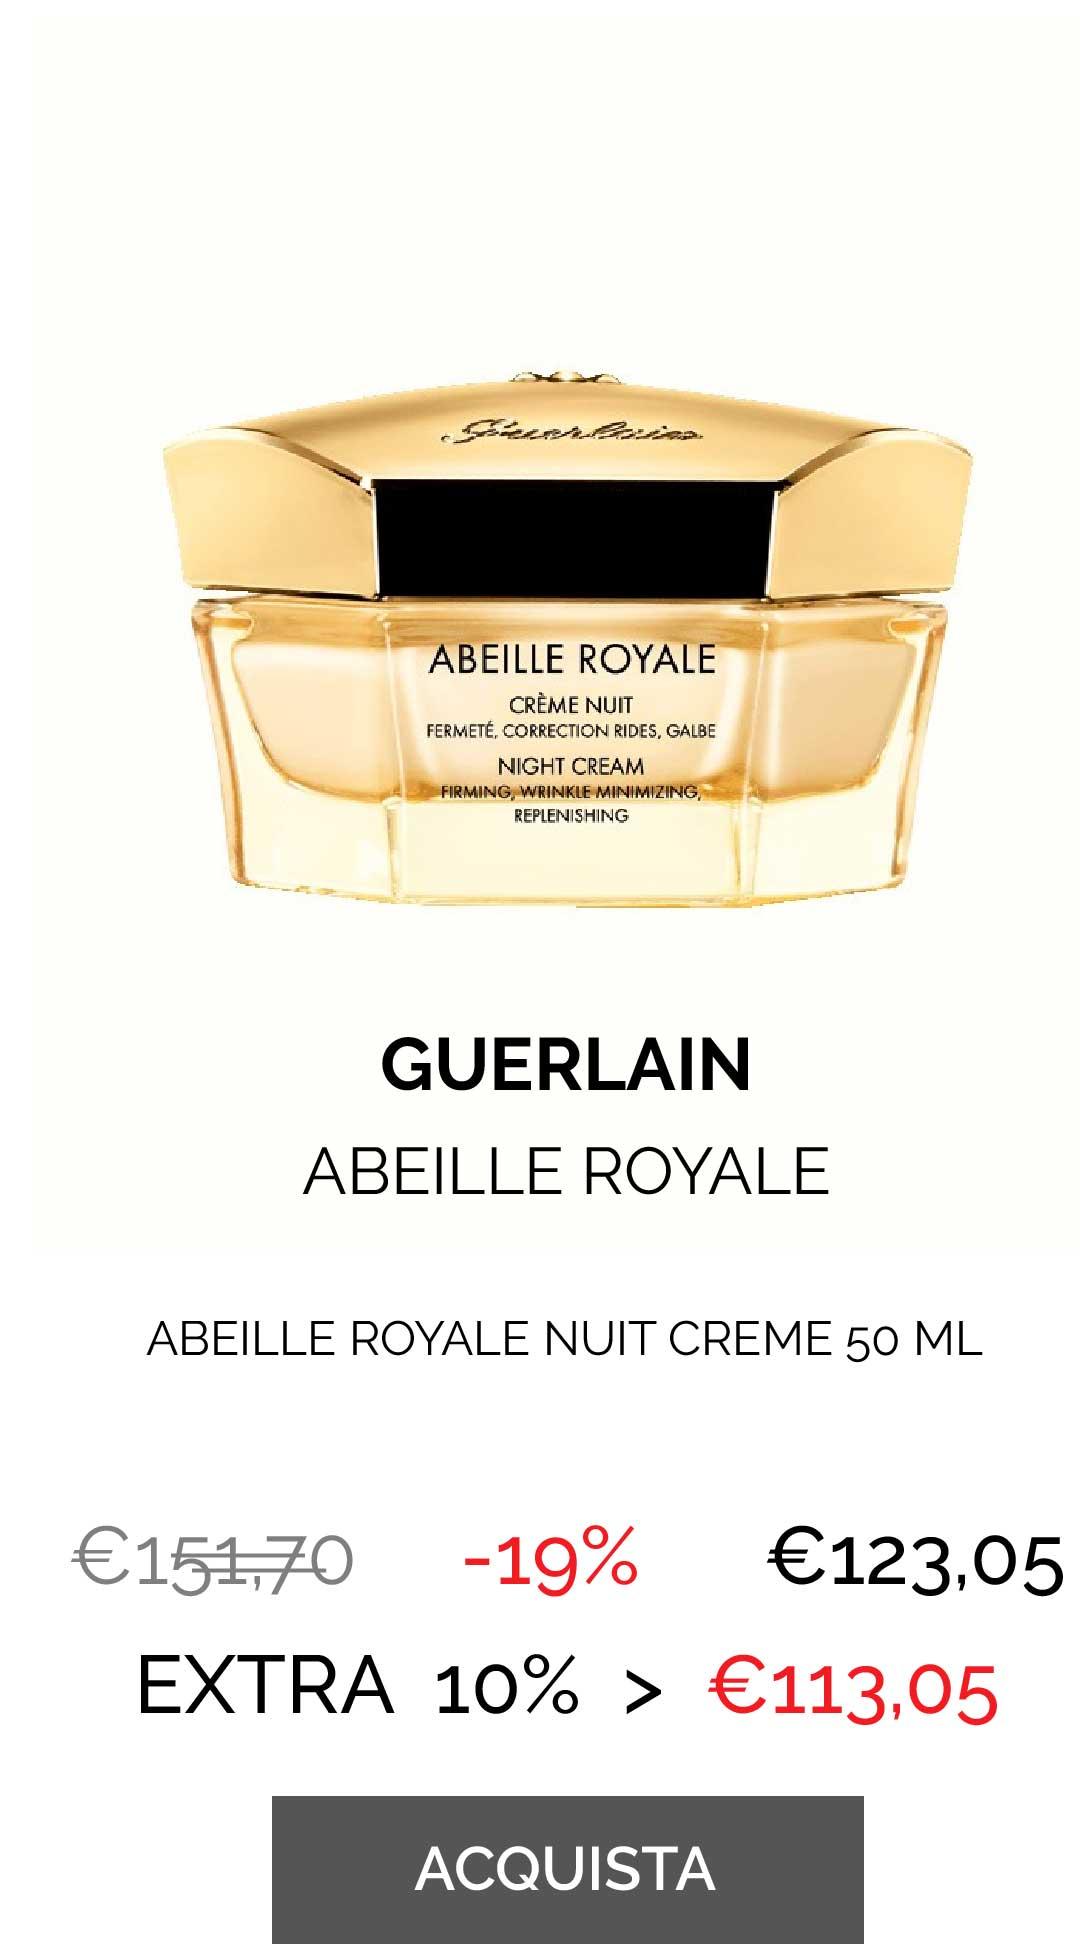 GUERLAIN - ABEILL.ROYALE NUIT CREME 50 ML